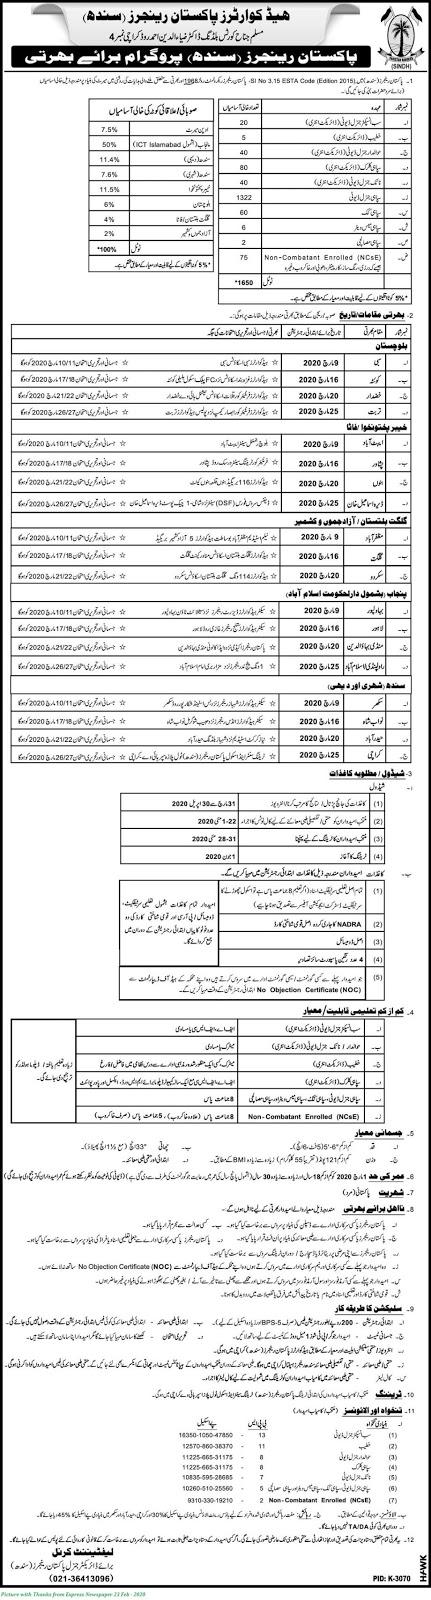 Pakistan Ranger Jobs 2020 - Join Pakistan Rangers 2020 Latest 1650+ Jobs in Pakistan Rangers